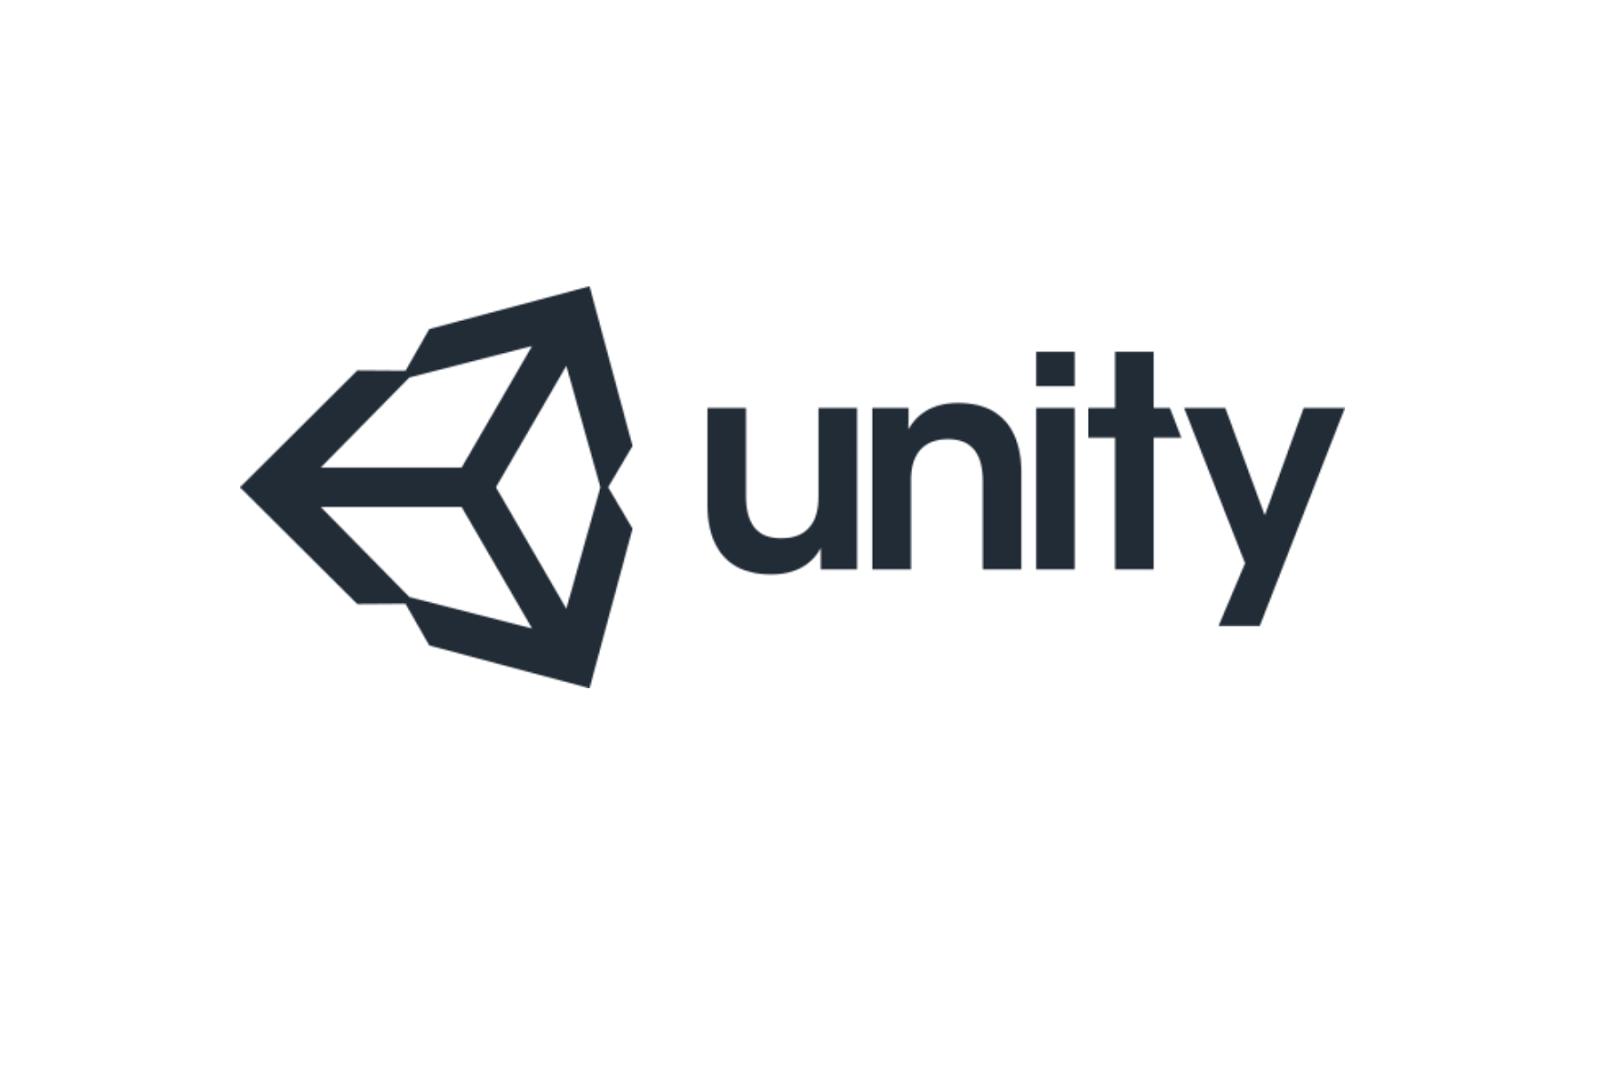 照片中提到了unity,跟Unity技術有關,包含了團結標誌、商標、統一、圖形